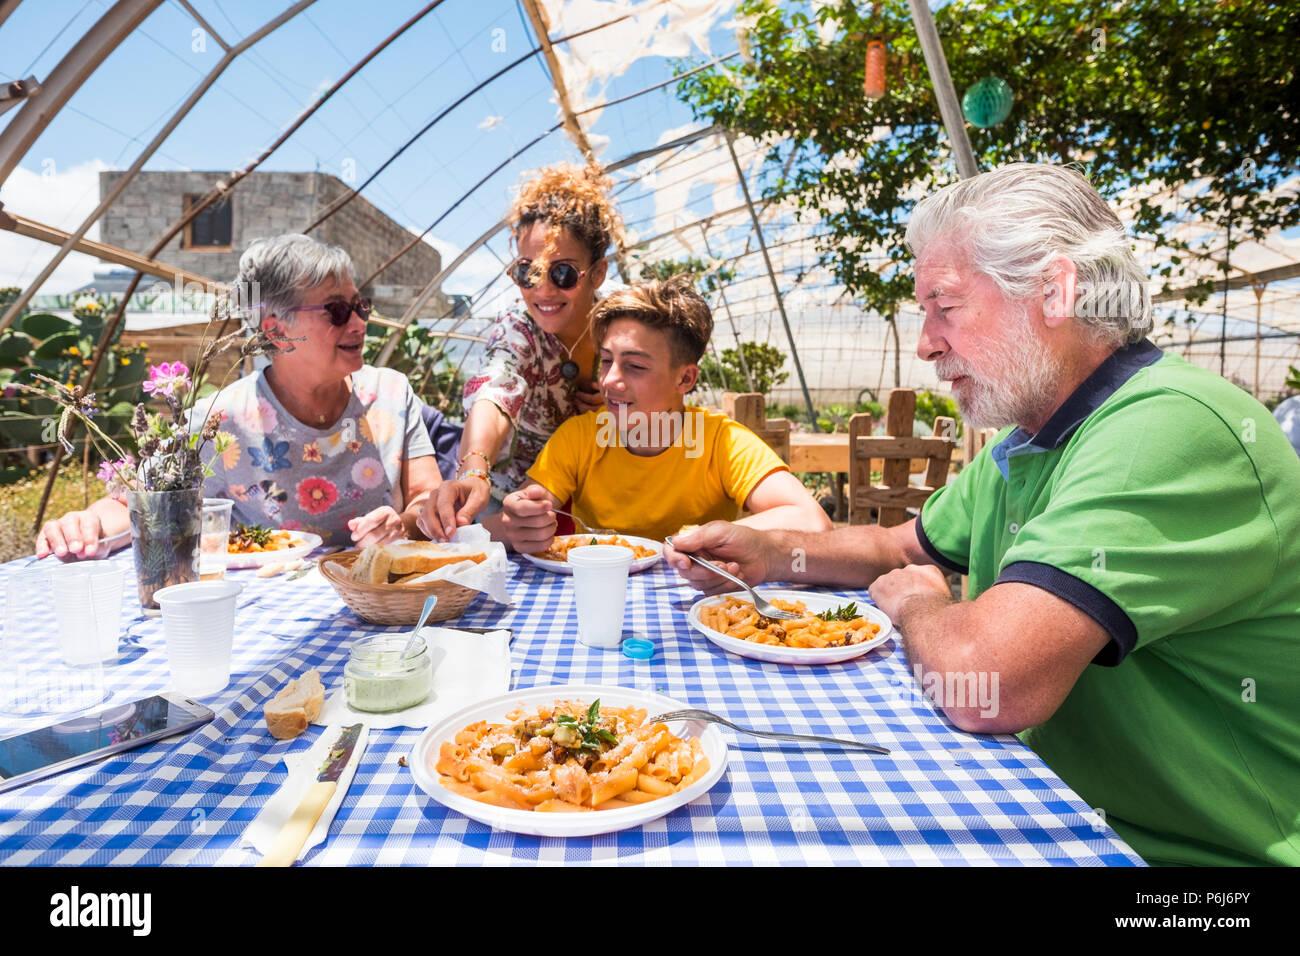 Bonita actividad de ocio al aire libre en el restaurante bio natural de preciosas caucásica familia con todas las generaciones de jóvenes a viejos. madre, hijo, grand Imagen De Stock